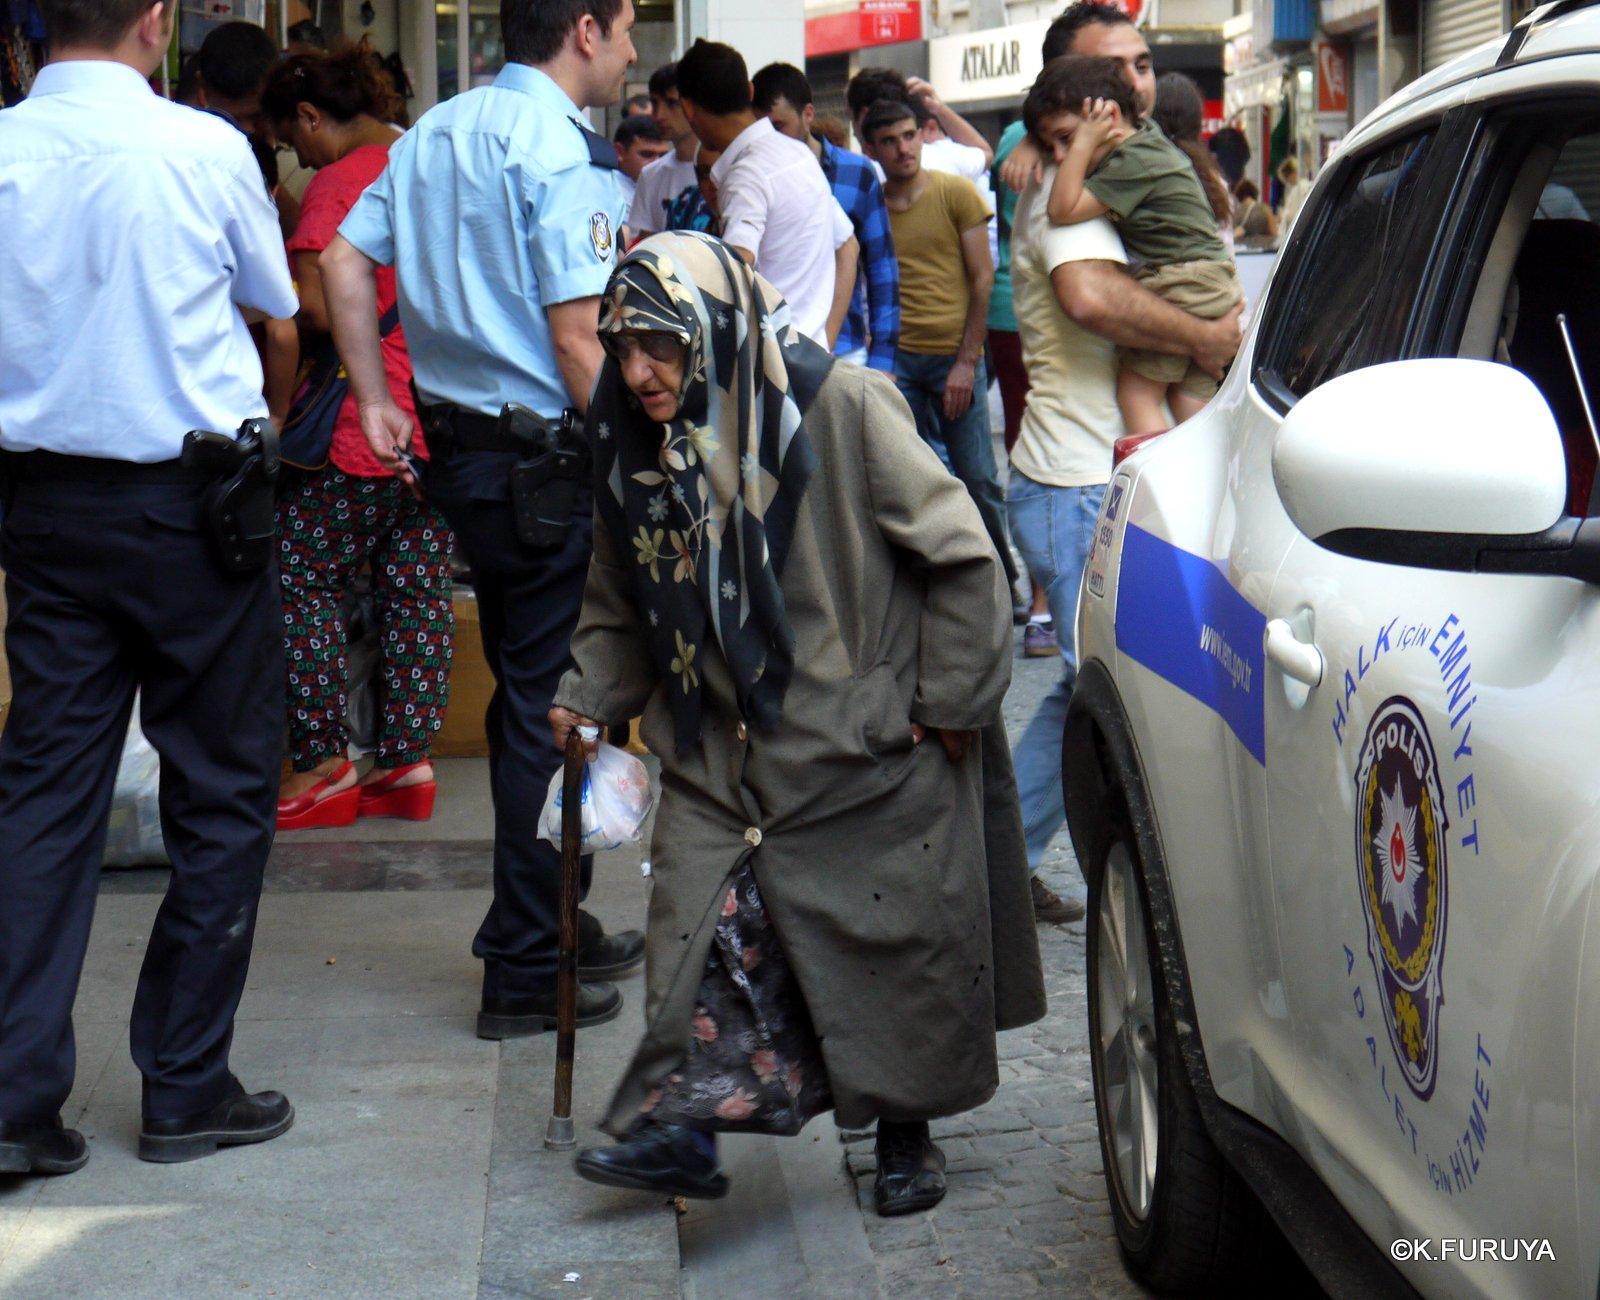 トルコ旅行記 38 イスタンブール旧市街その2_a0092659_12505285.jpg